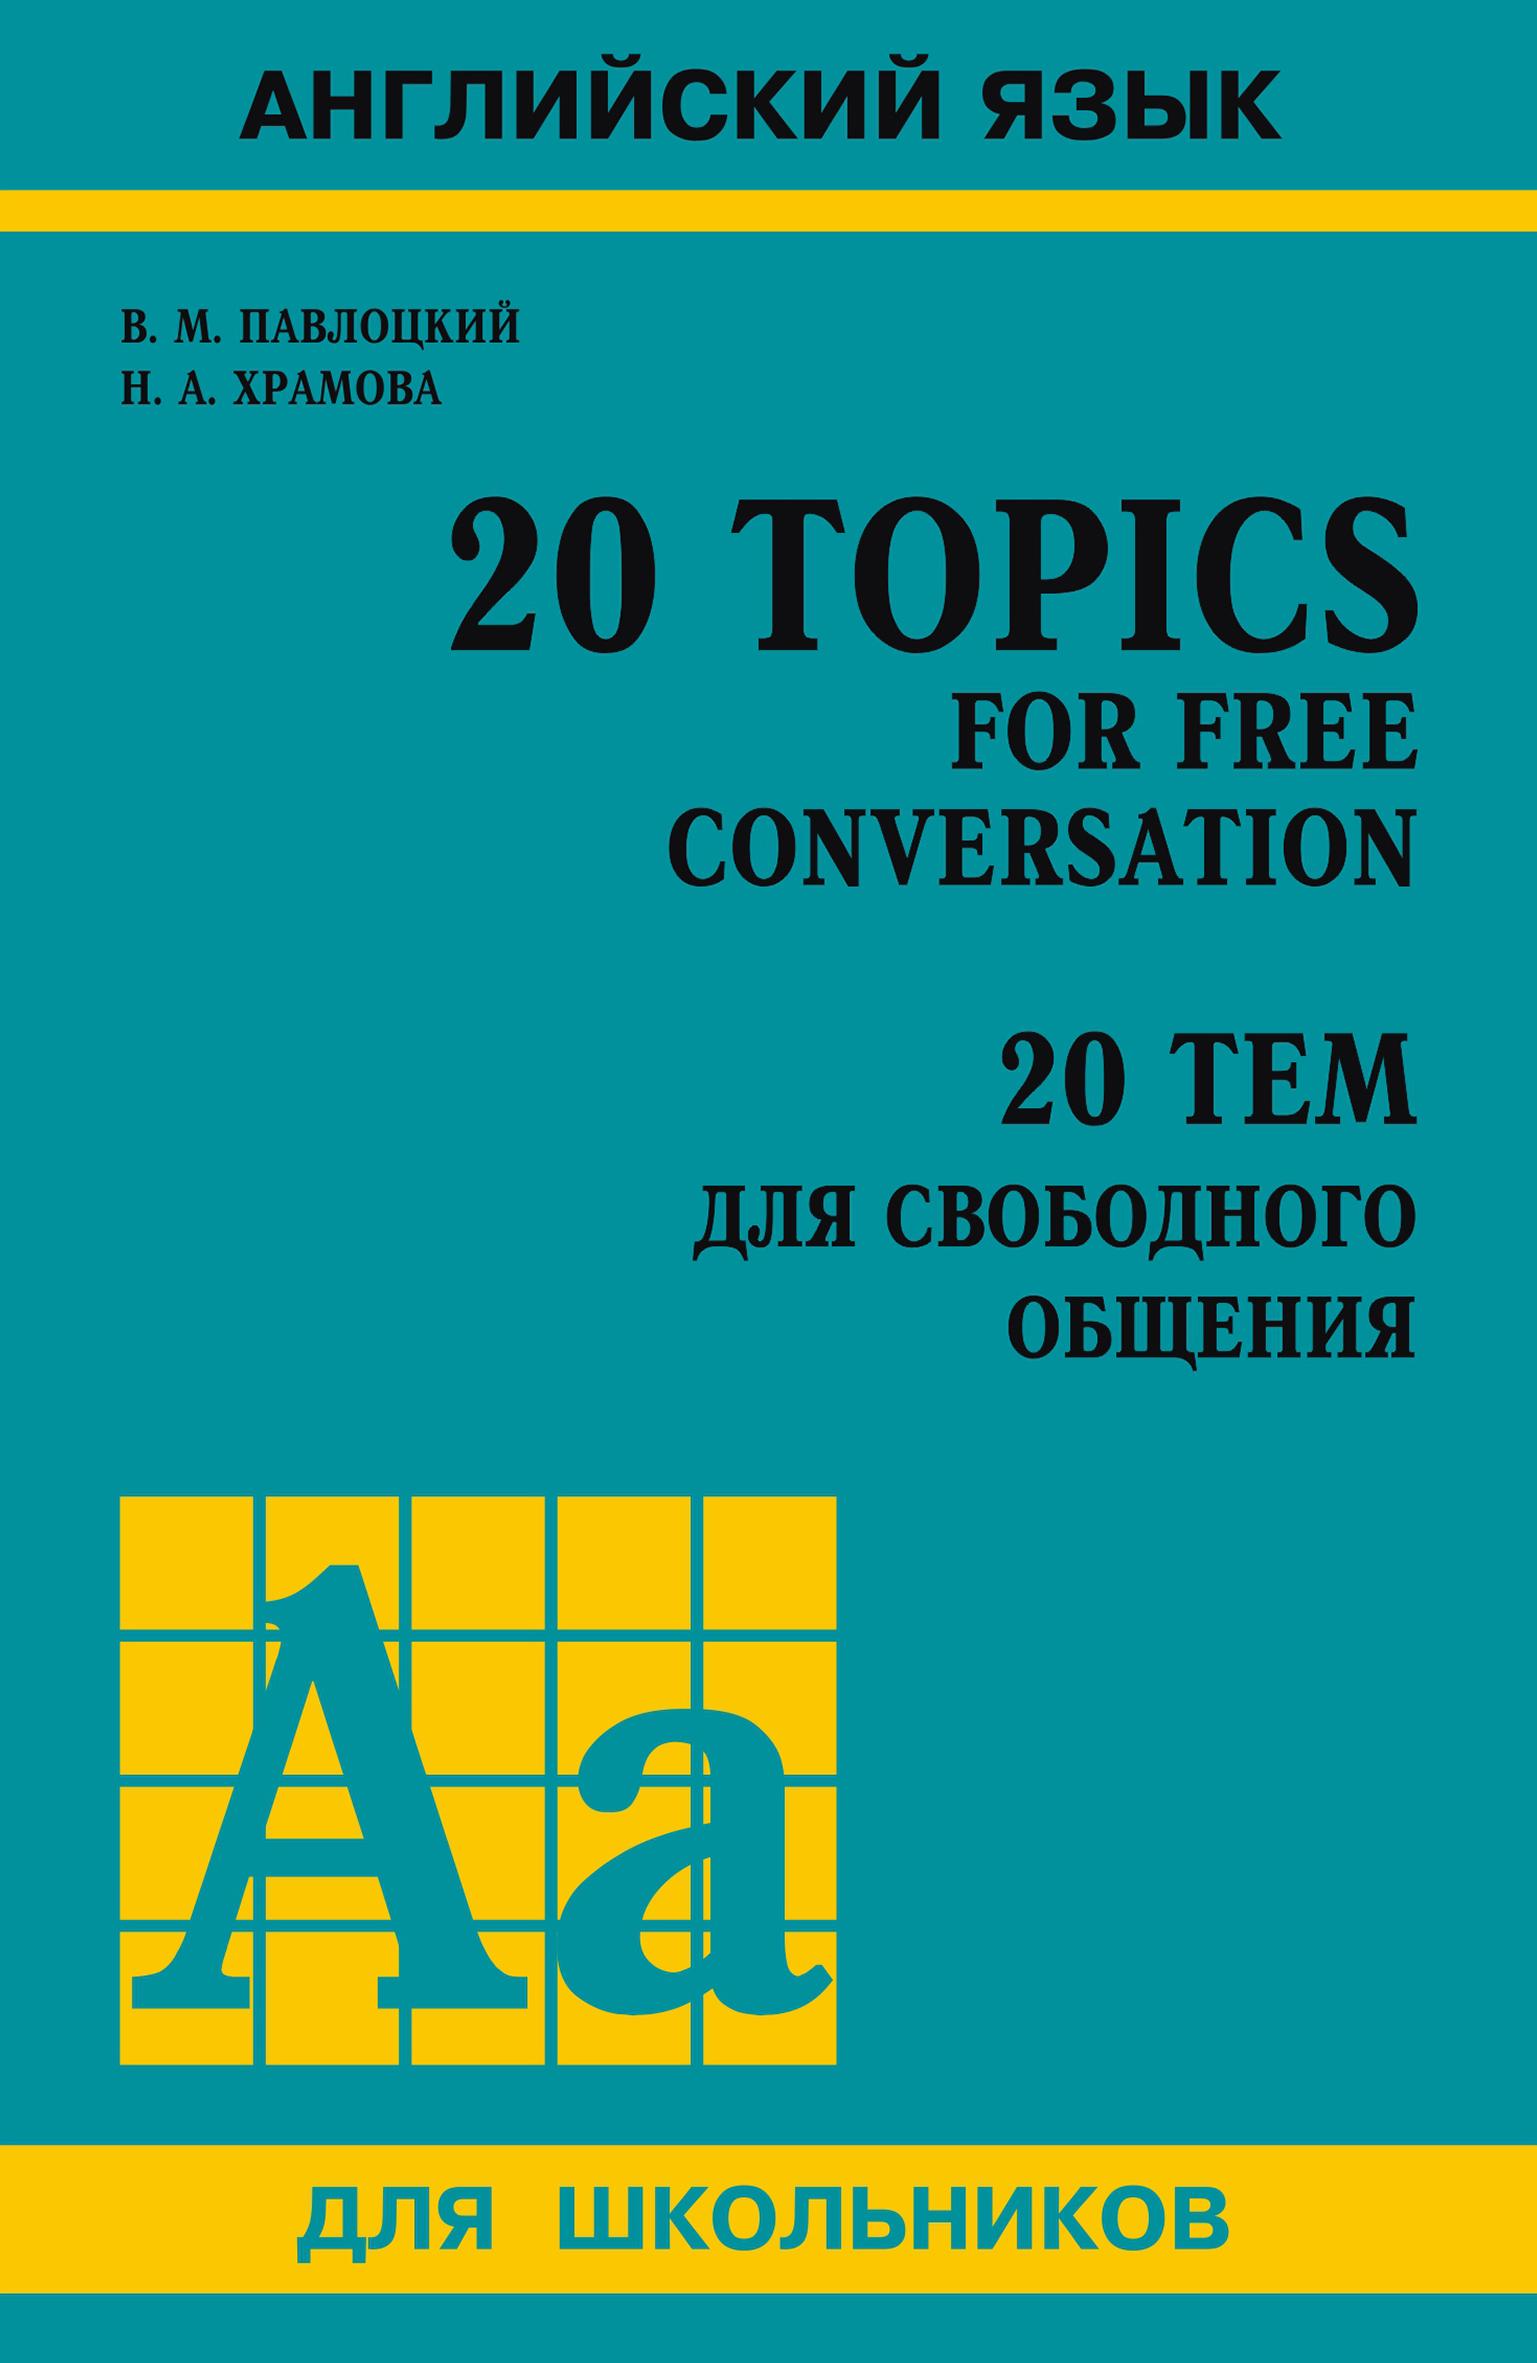 20тем для свободного общения / 20 Topics for Free Conversation